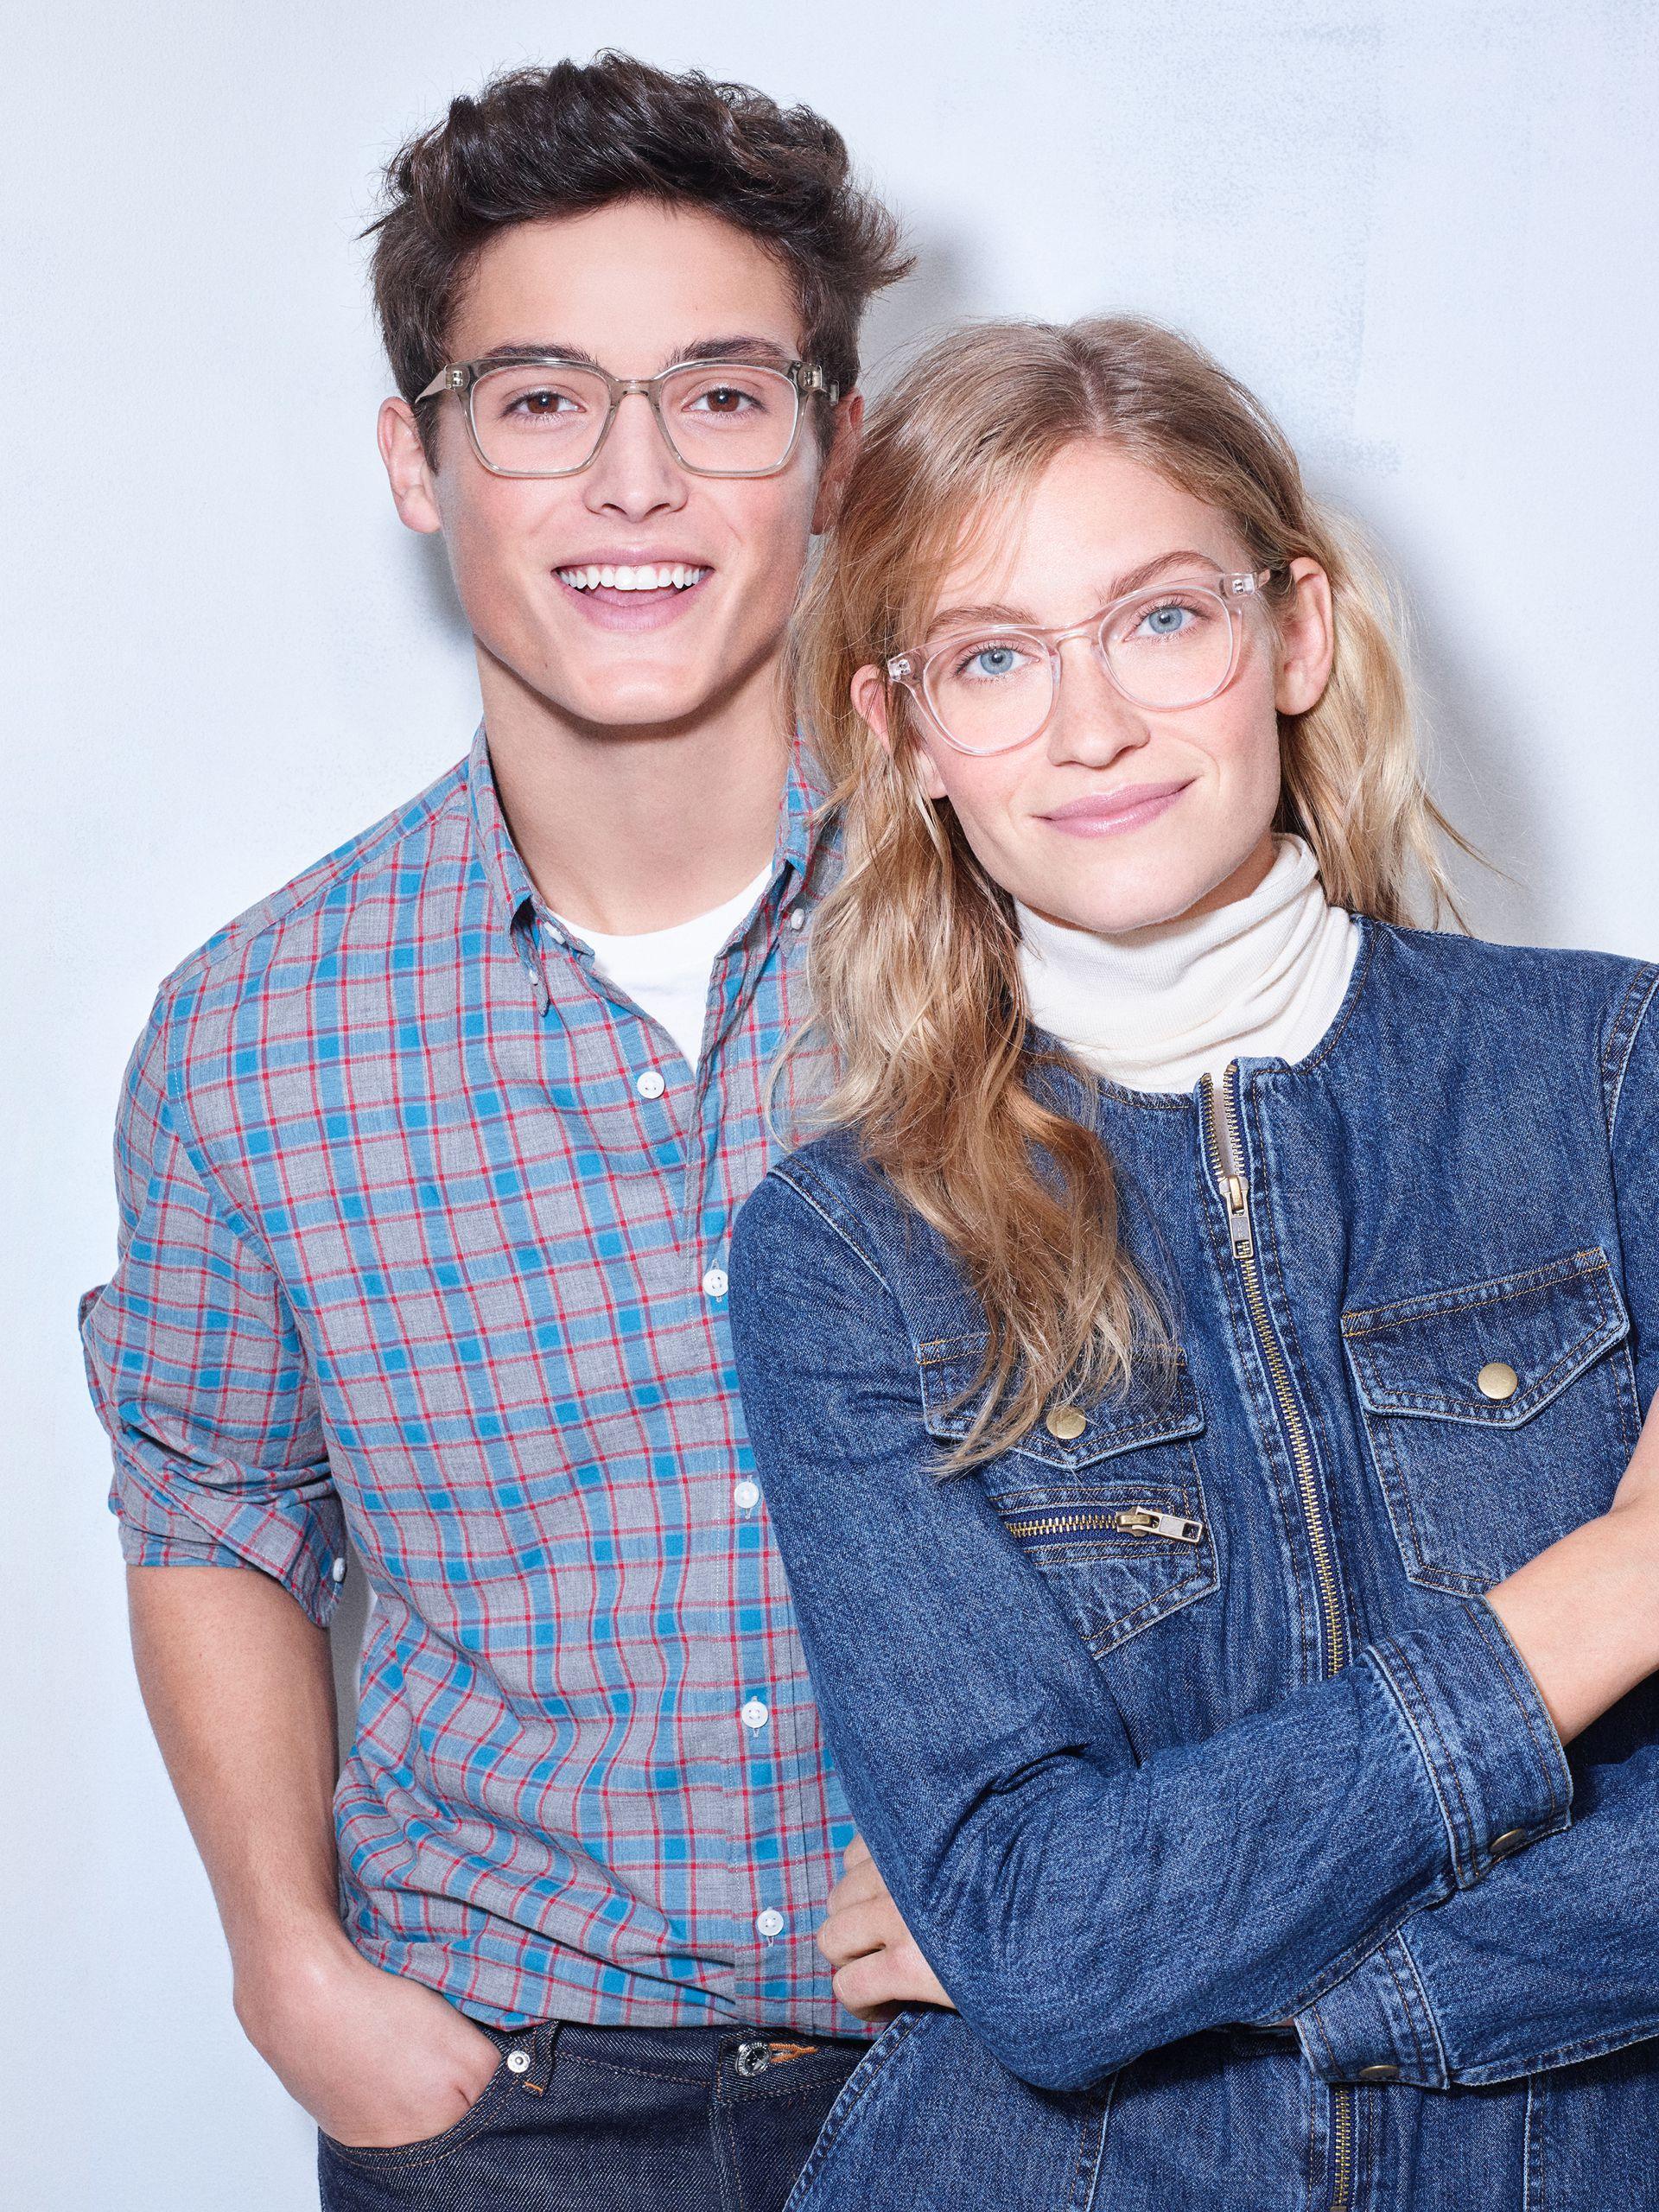 Warby Parker eyeglasses